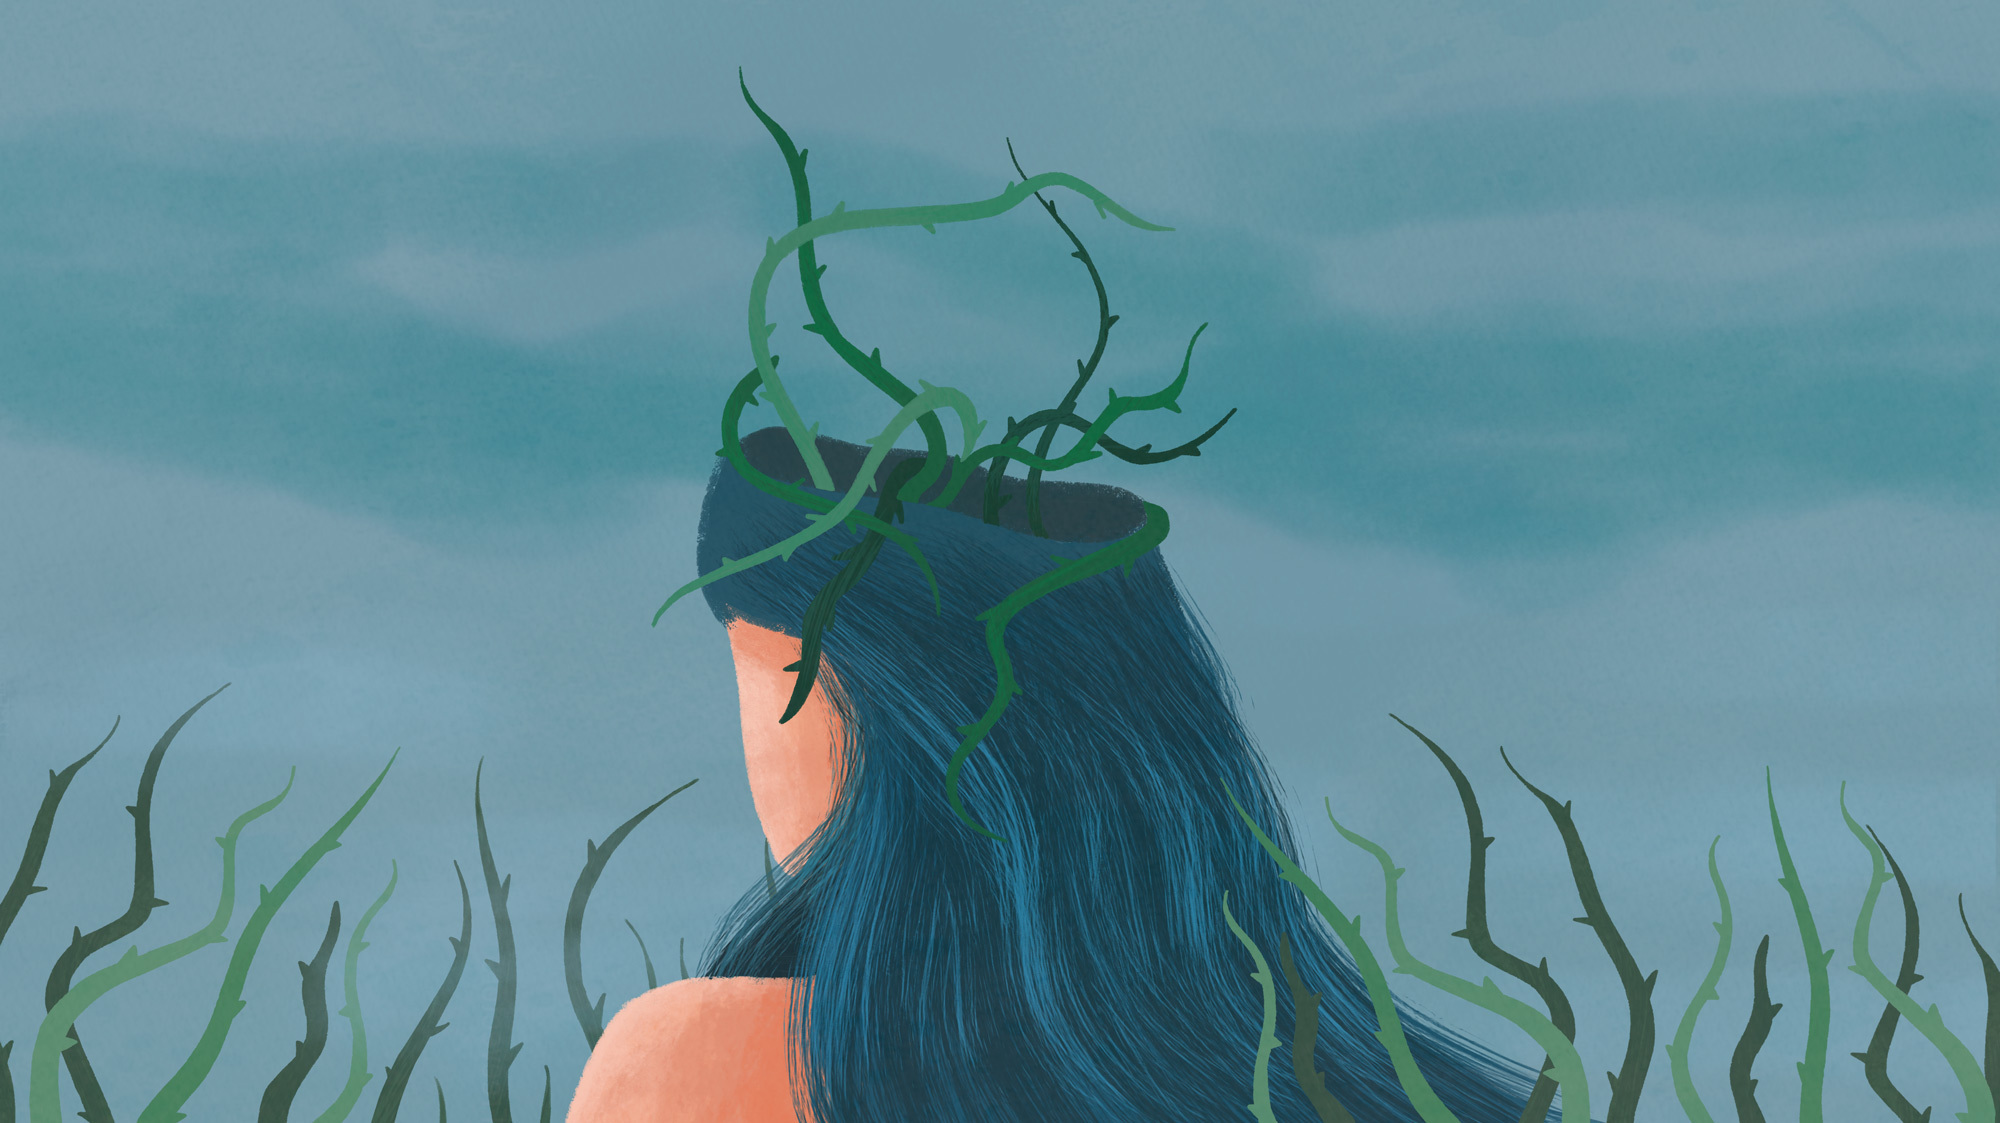 Lo lắng, căng thẳng, lo âu: Không giống nhau như bạn nghĩ